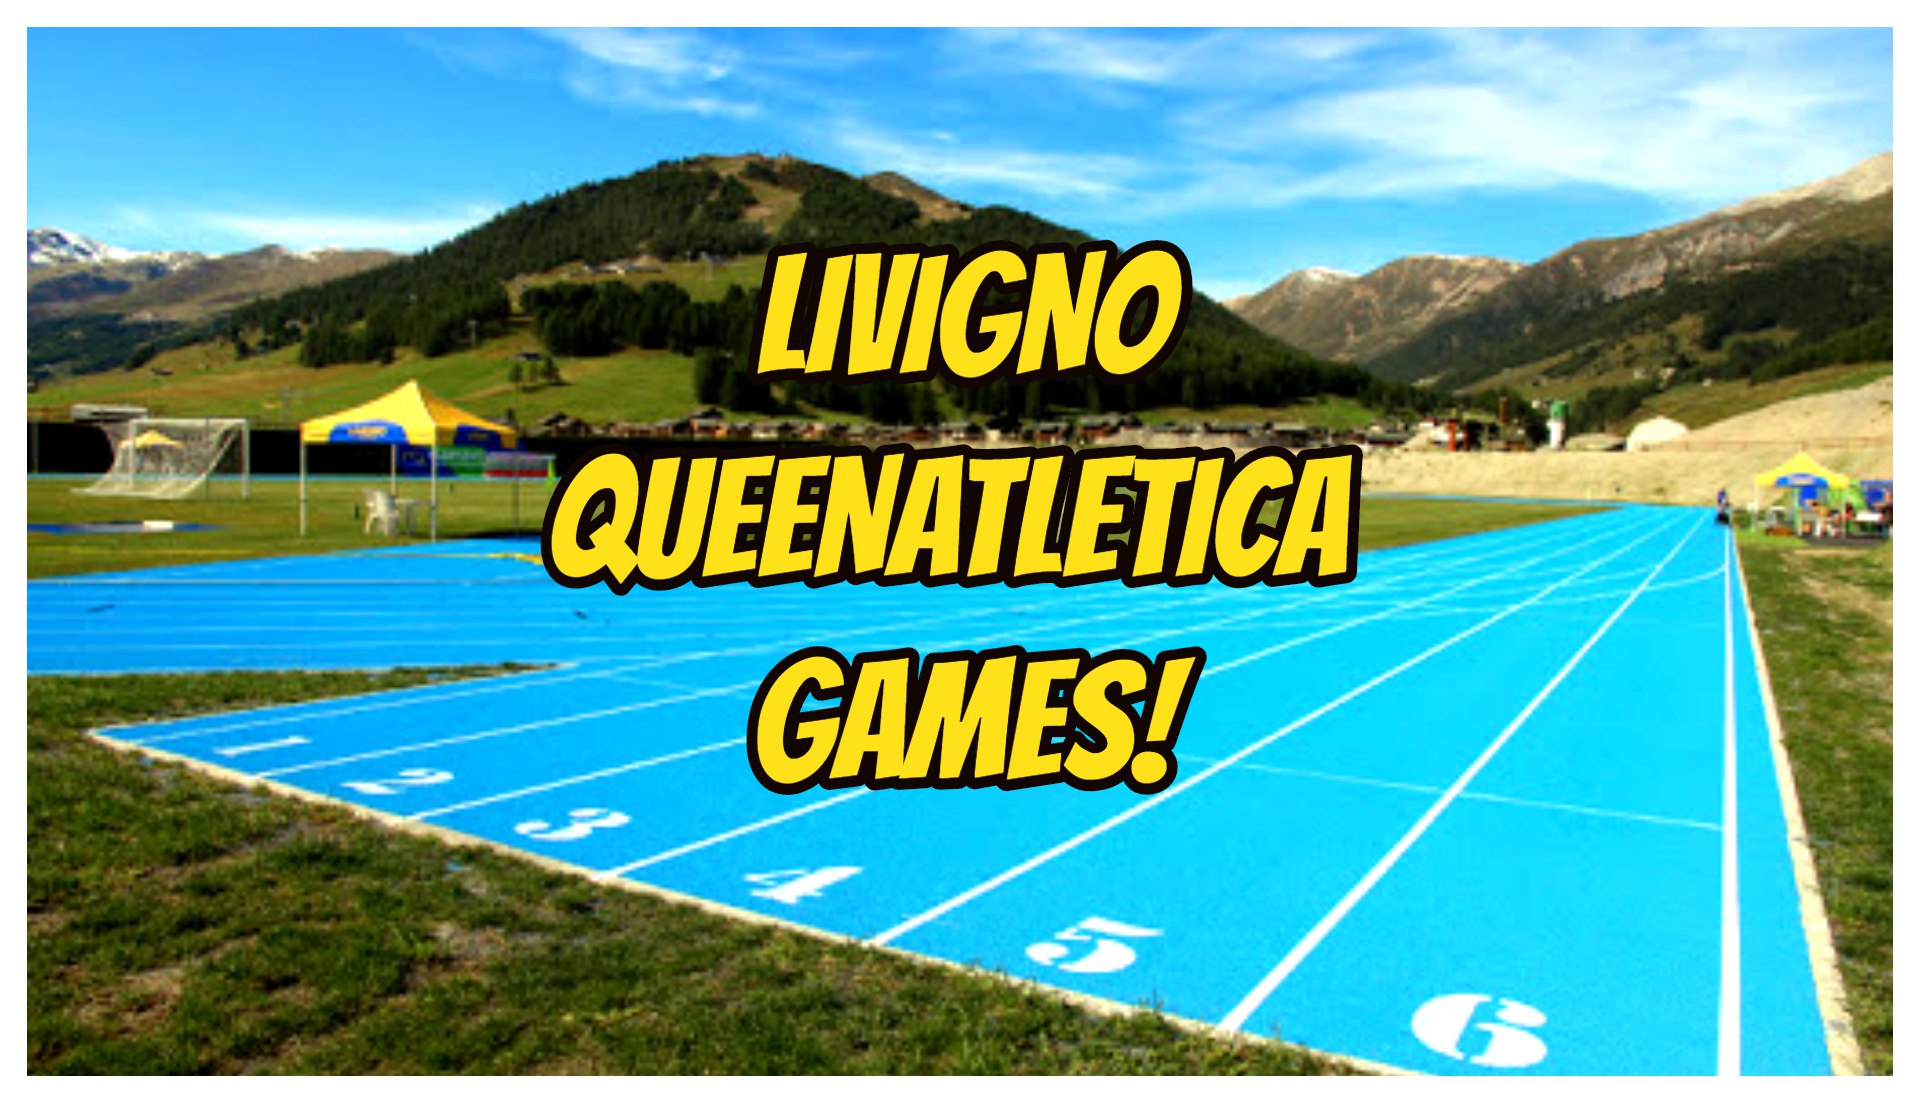 Livigno Queenatletica Games